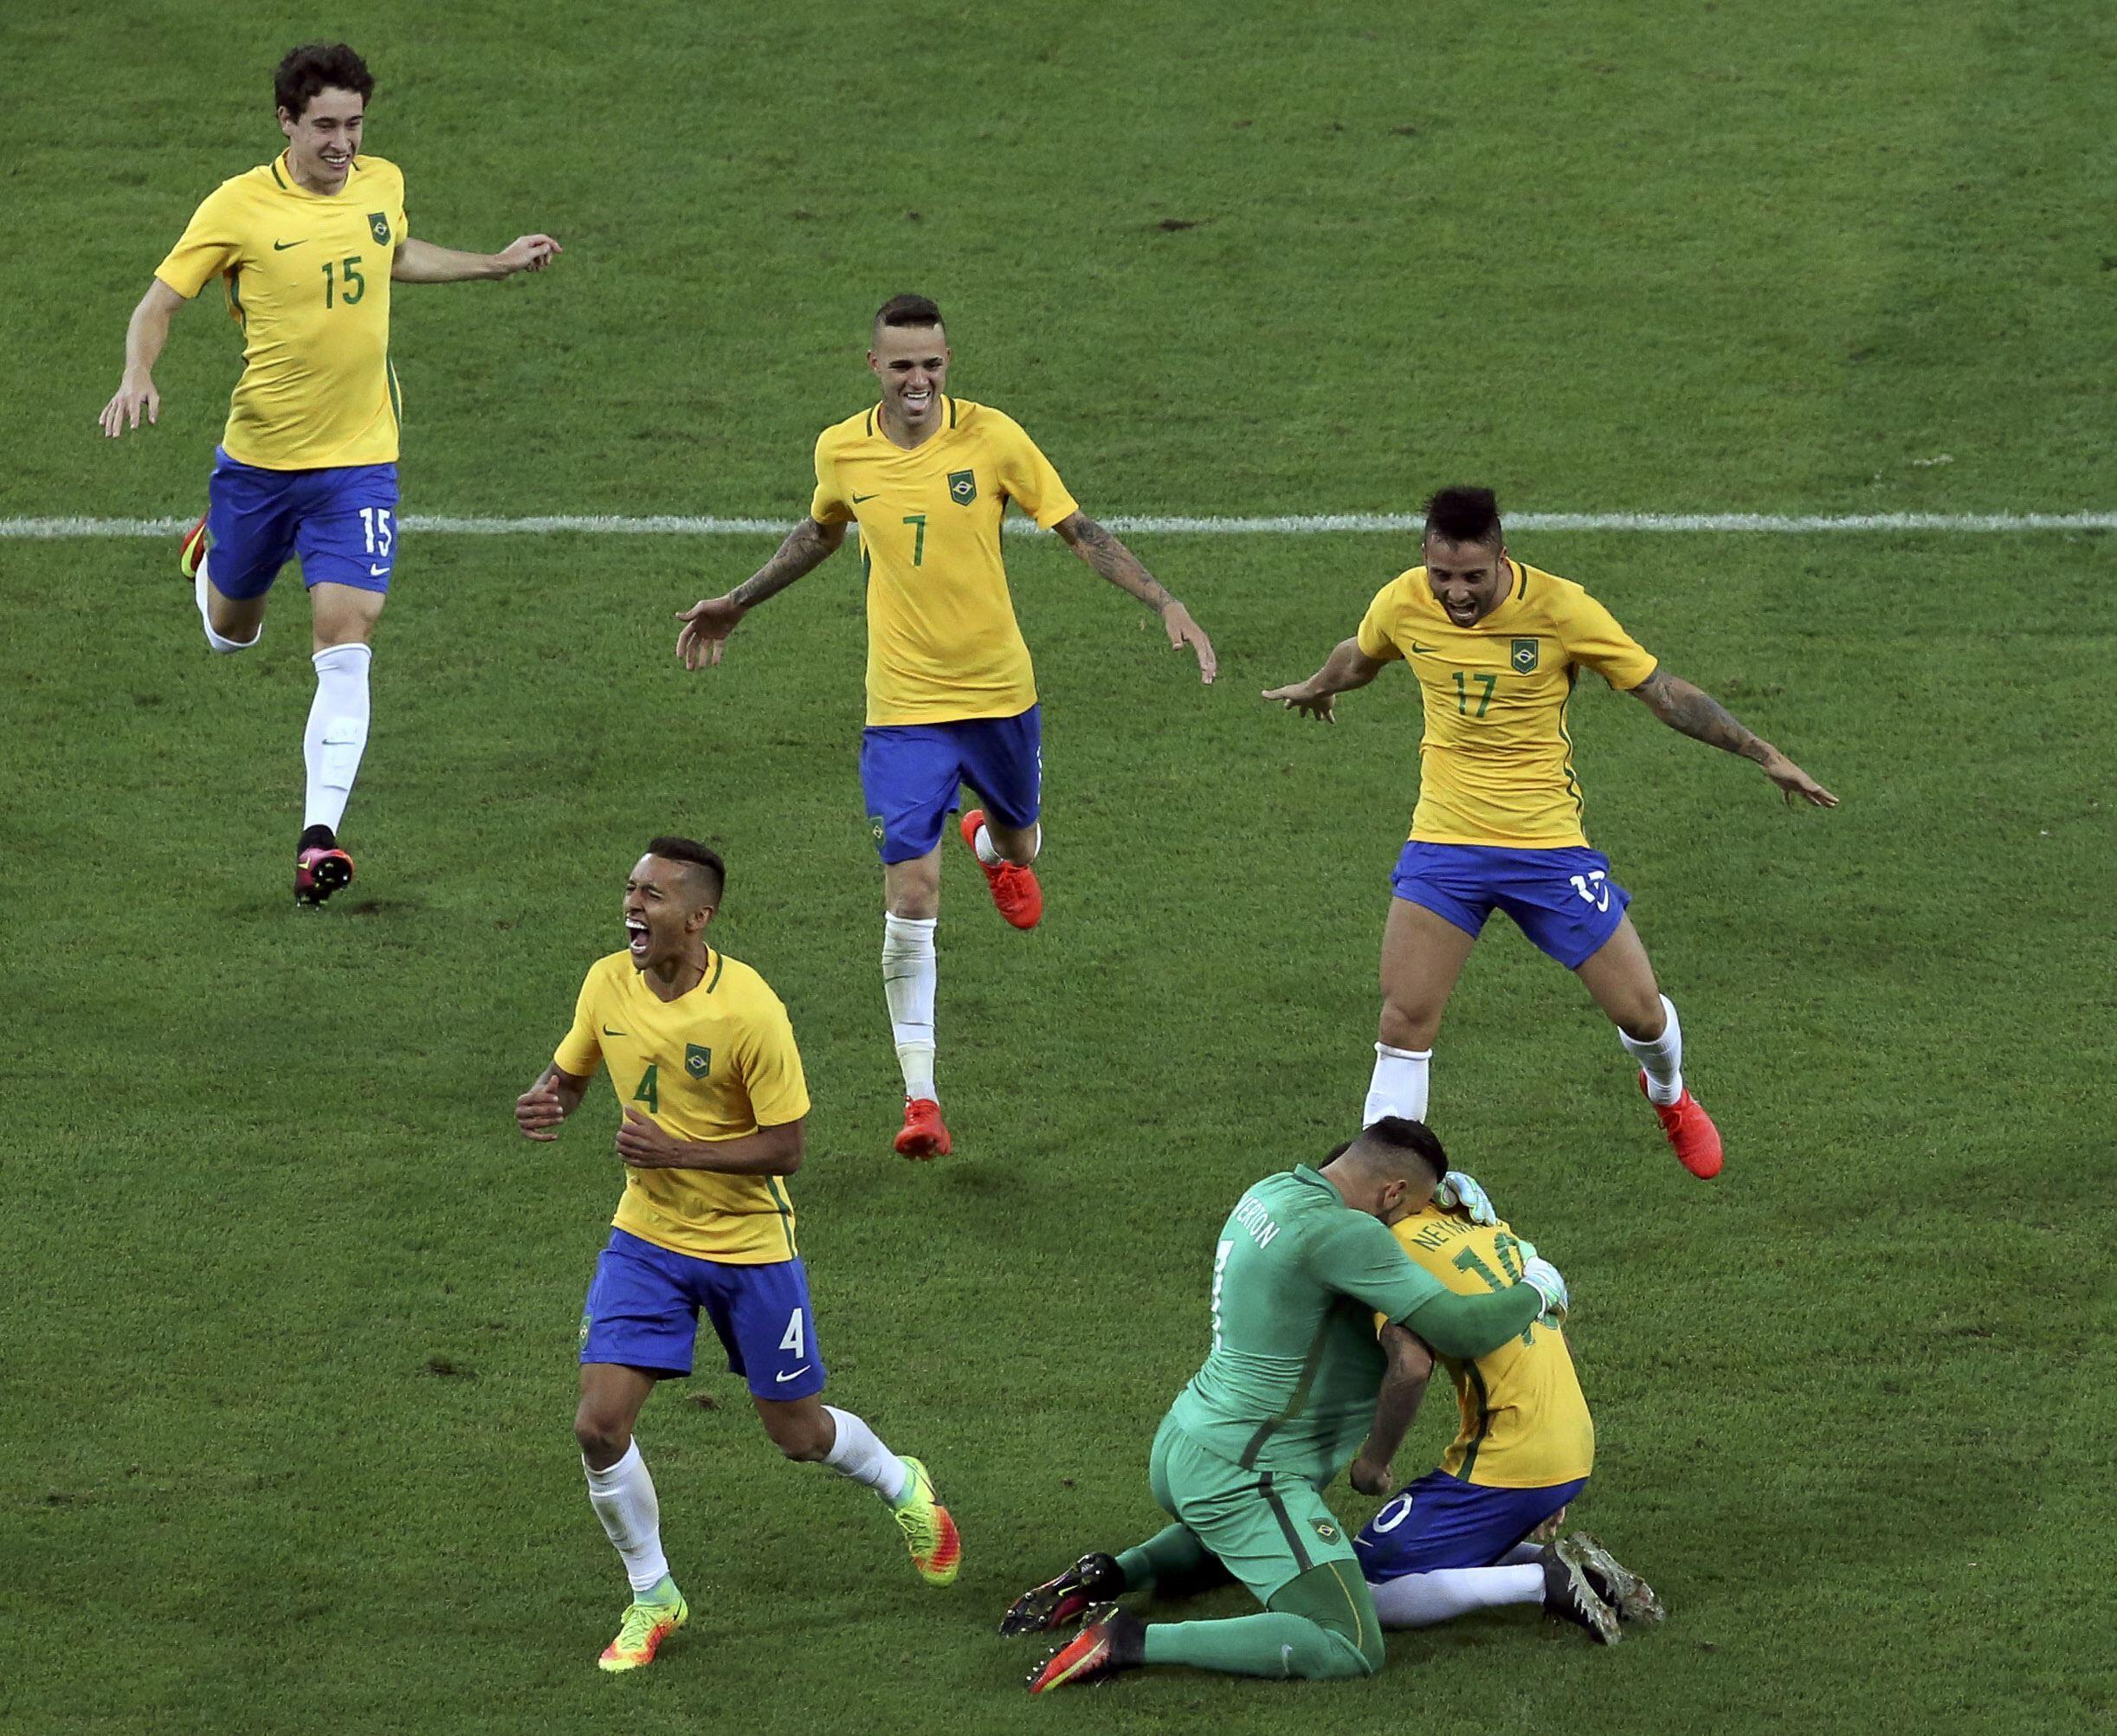 Jogadores comemoram conquista no gramado do Maracanã.